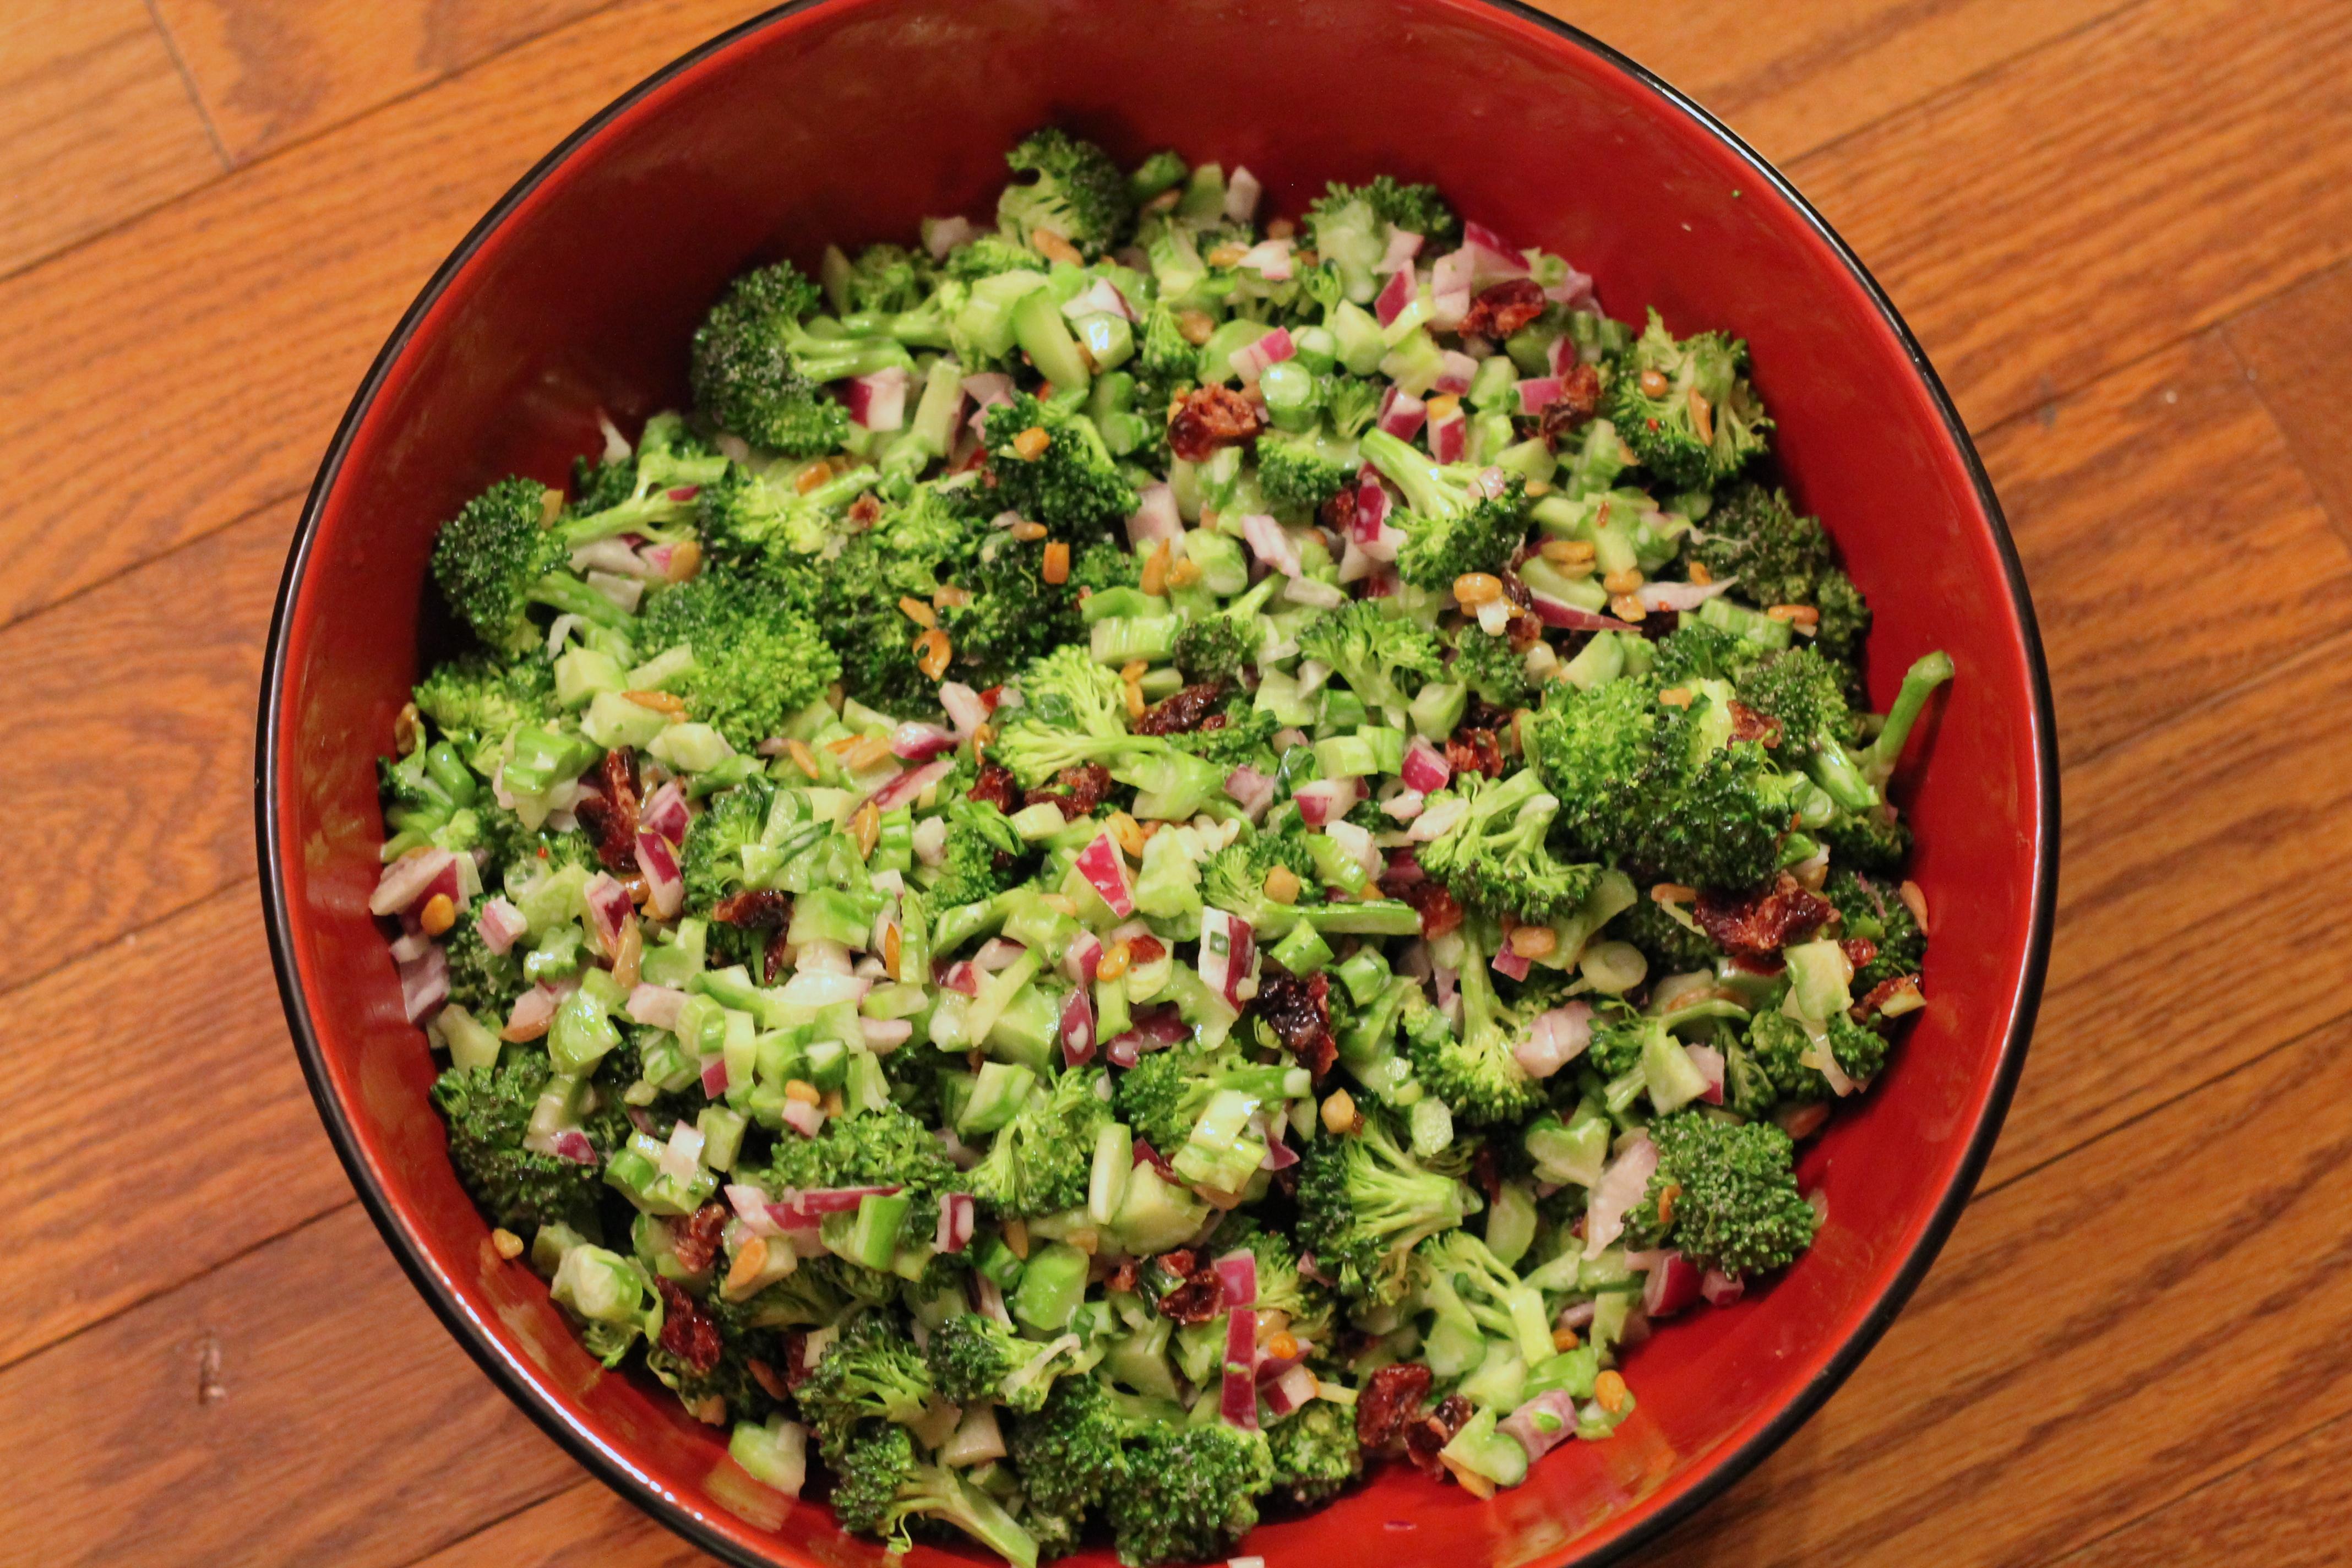 Mama's Broccoli Salad